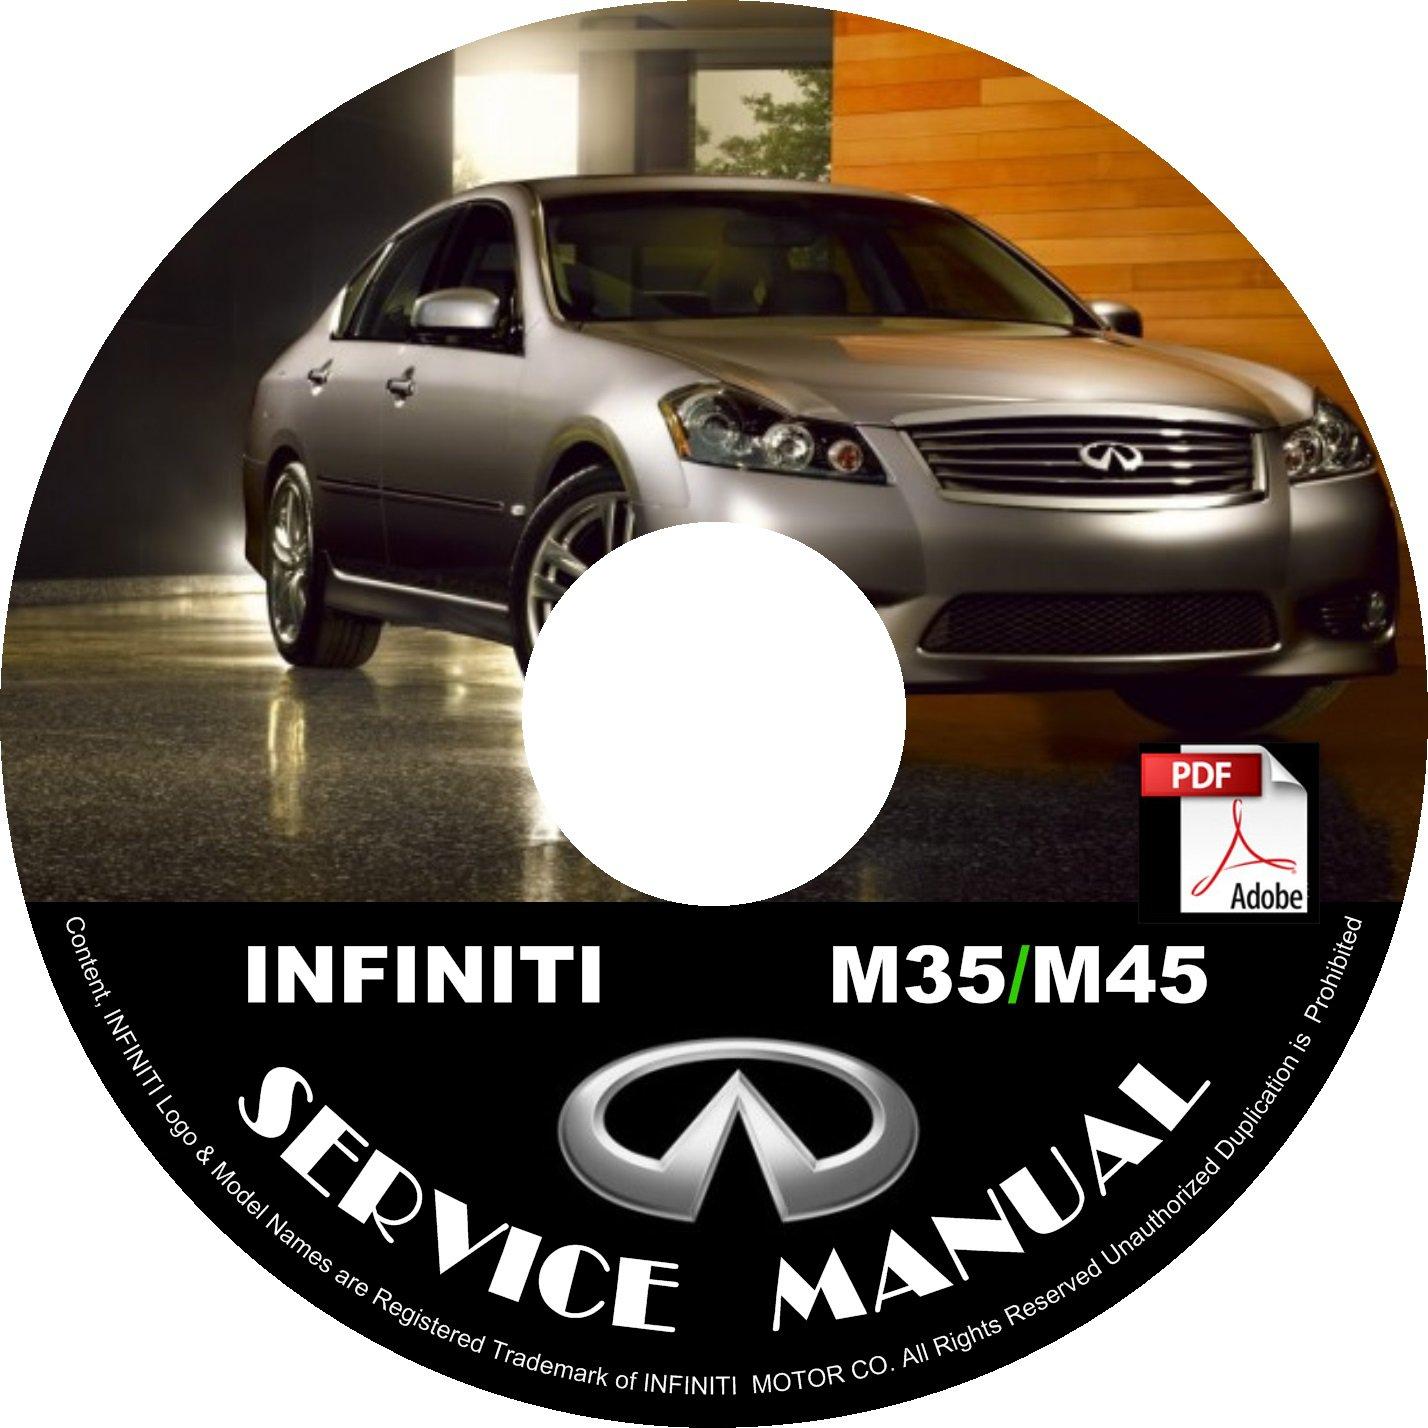 2009 Infiniti M35 M45 Factory Service Repair Shop Manual on CD Fix Repair Rebuild 09 Workshop Guide